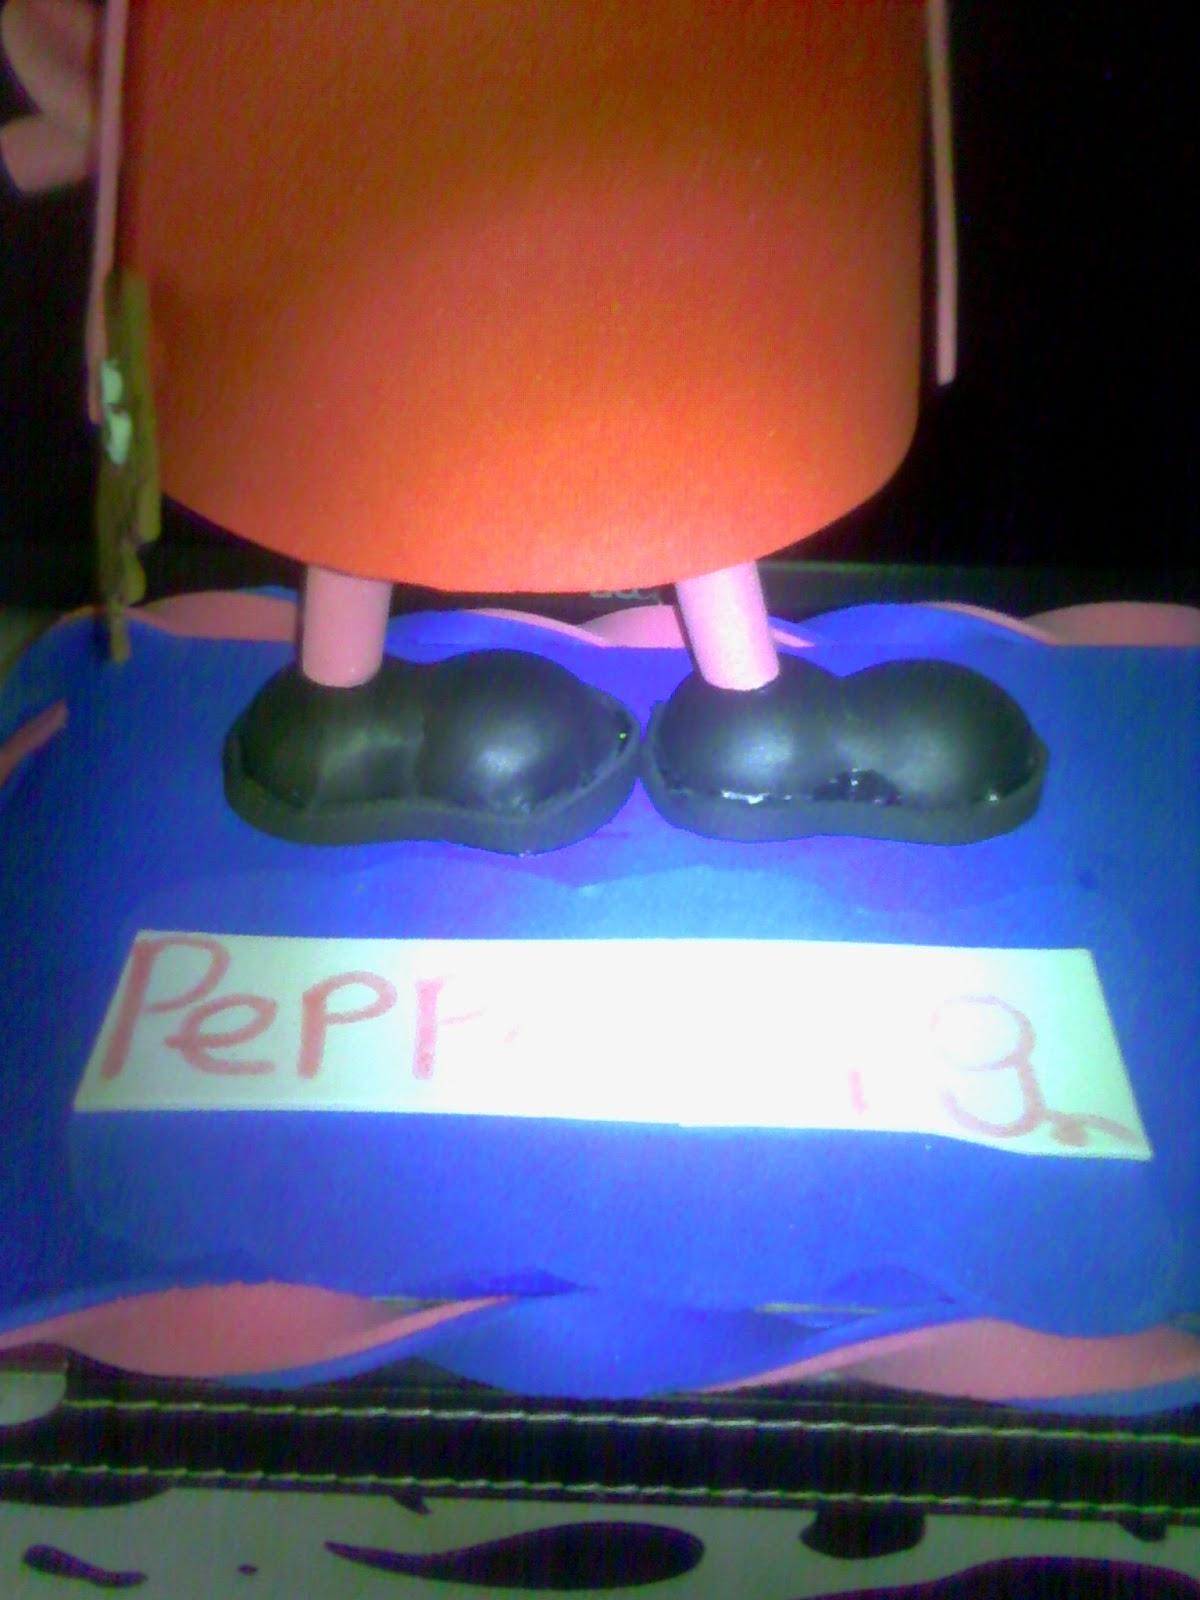 La casa de las fofuchas: Fofucha Peppa Pig